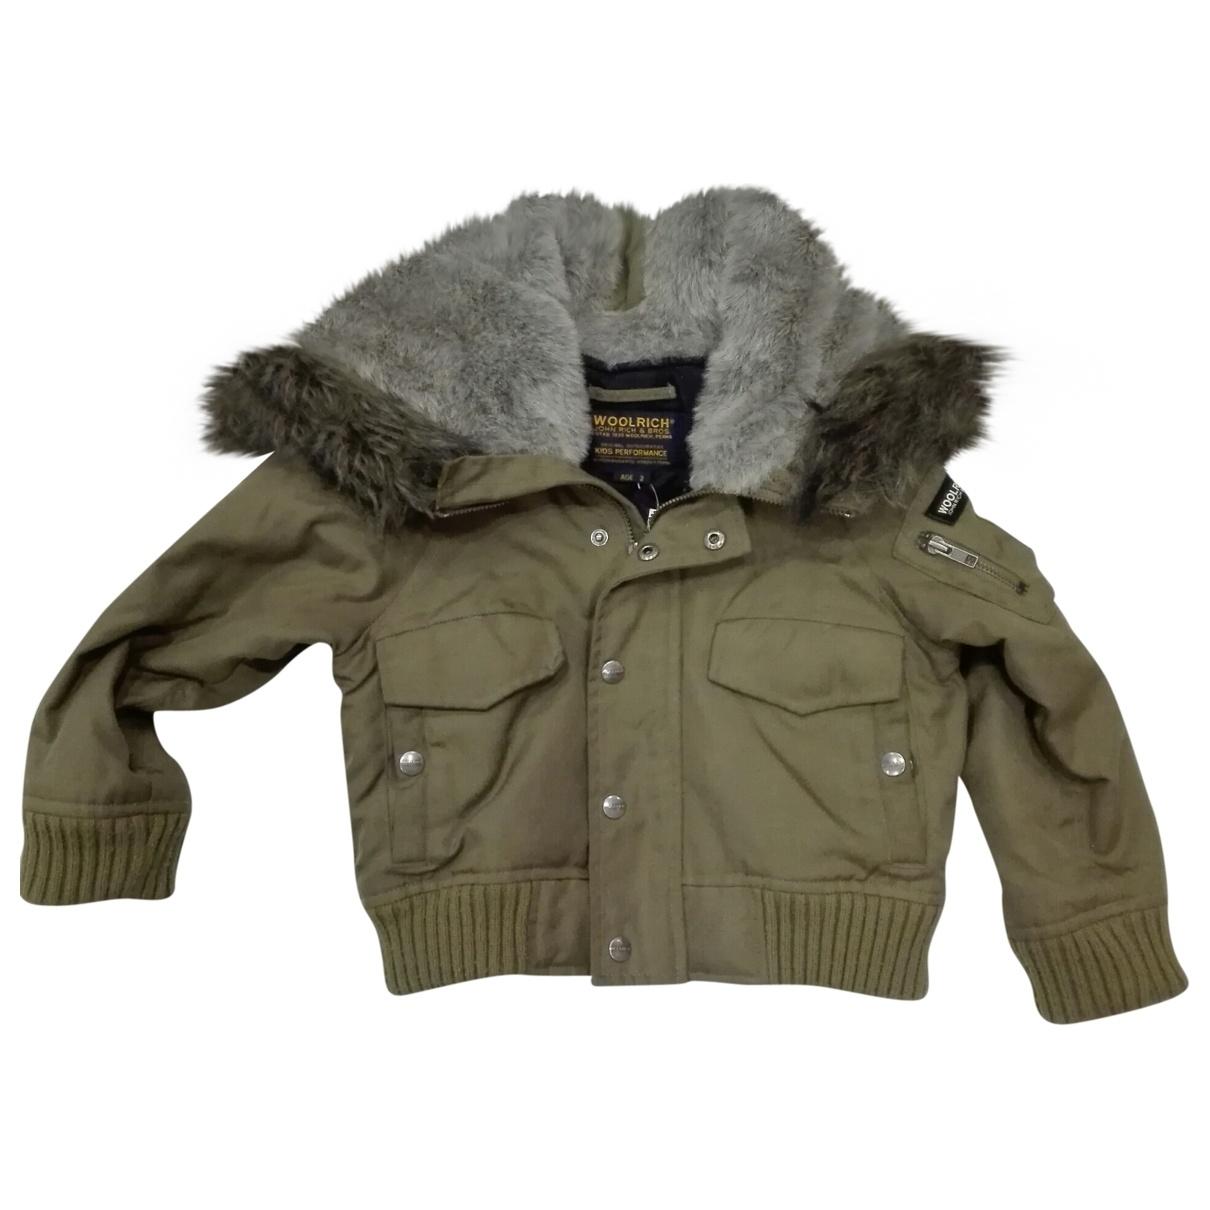 Woolrich - Blousons.Manteaux   pour enfant - kaki